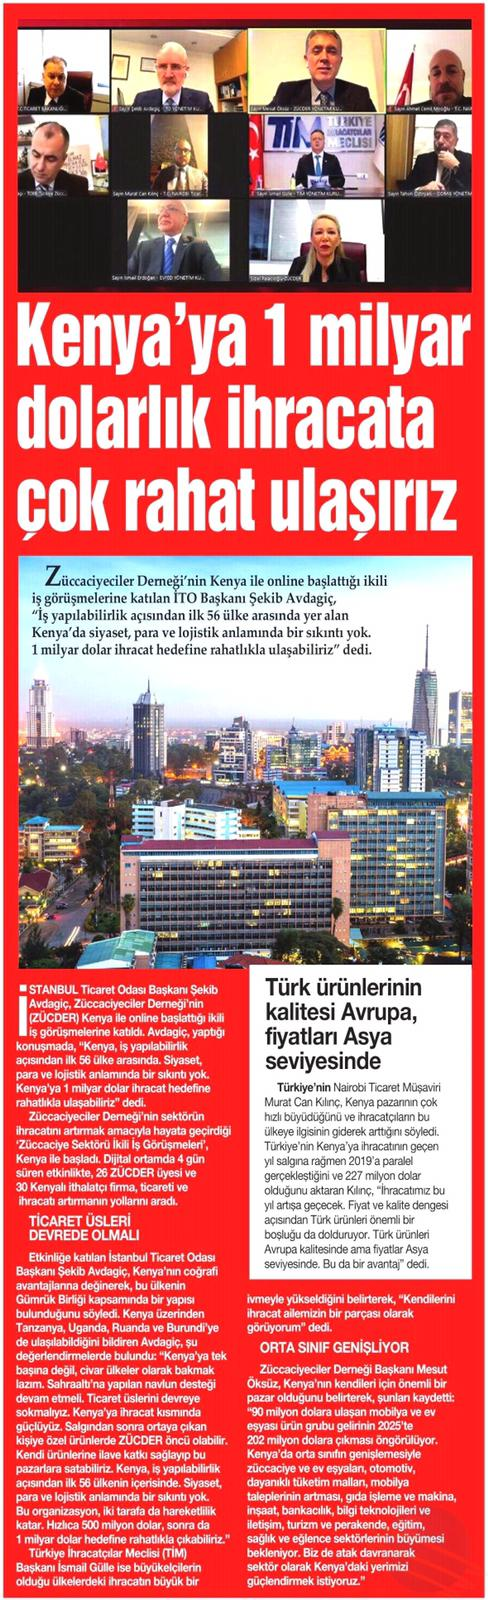 22.02.21 (2) İstanbul Ticaret Gazetesi